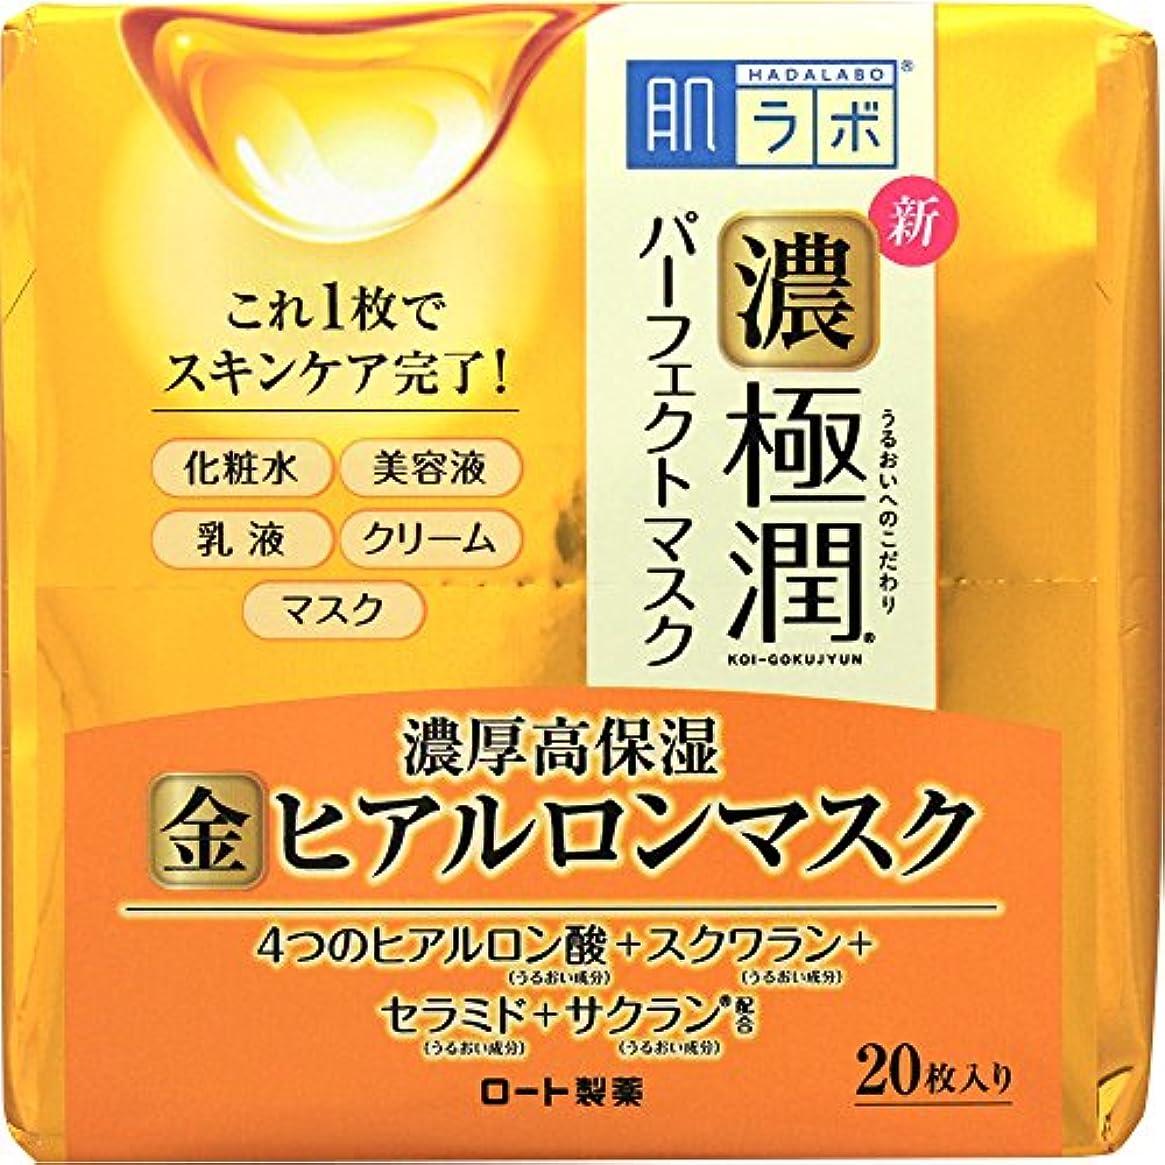 主権者ポジティブポジティブ肌ラボ 濃い極潤 オールインワン パーフェクトマスク 4つのヒアルロン酸×スクワラン×セラミド×サクラン配合 20枚